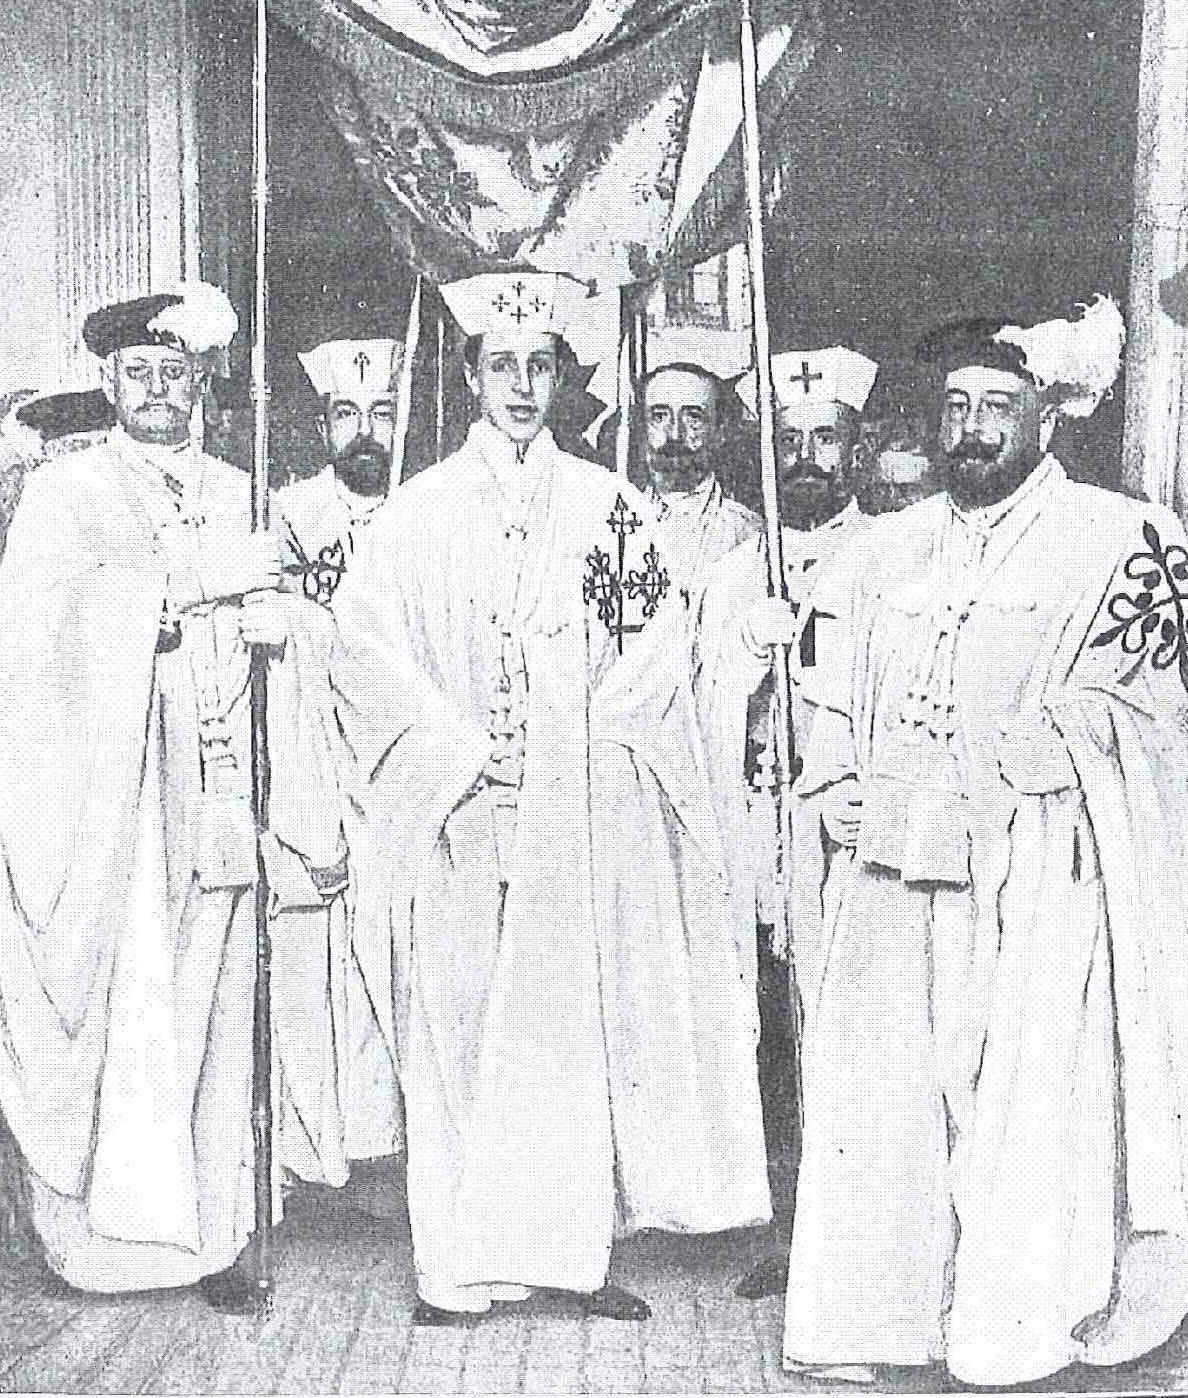 El rey con el hábito de las Órdenes militares saliendo bajo palio de la Iglesia Prioral